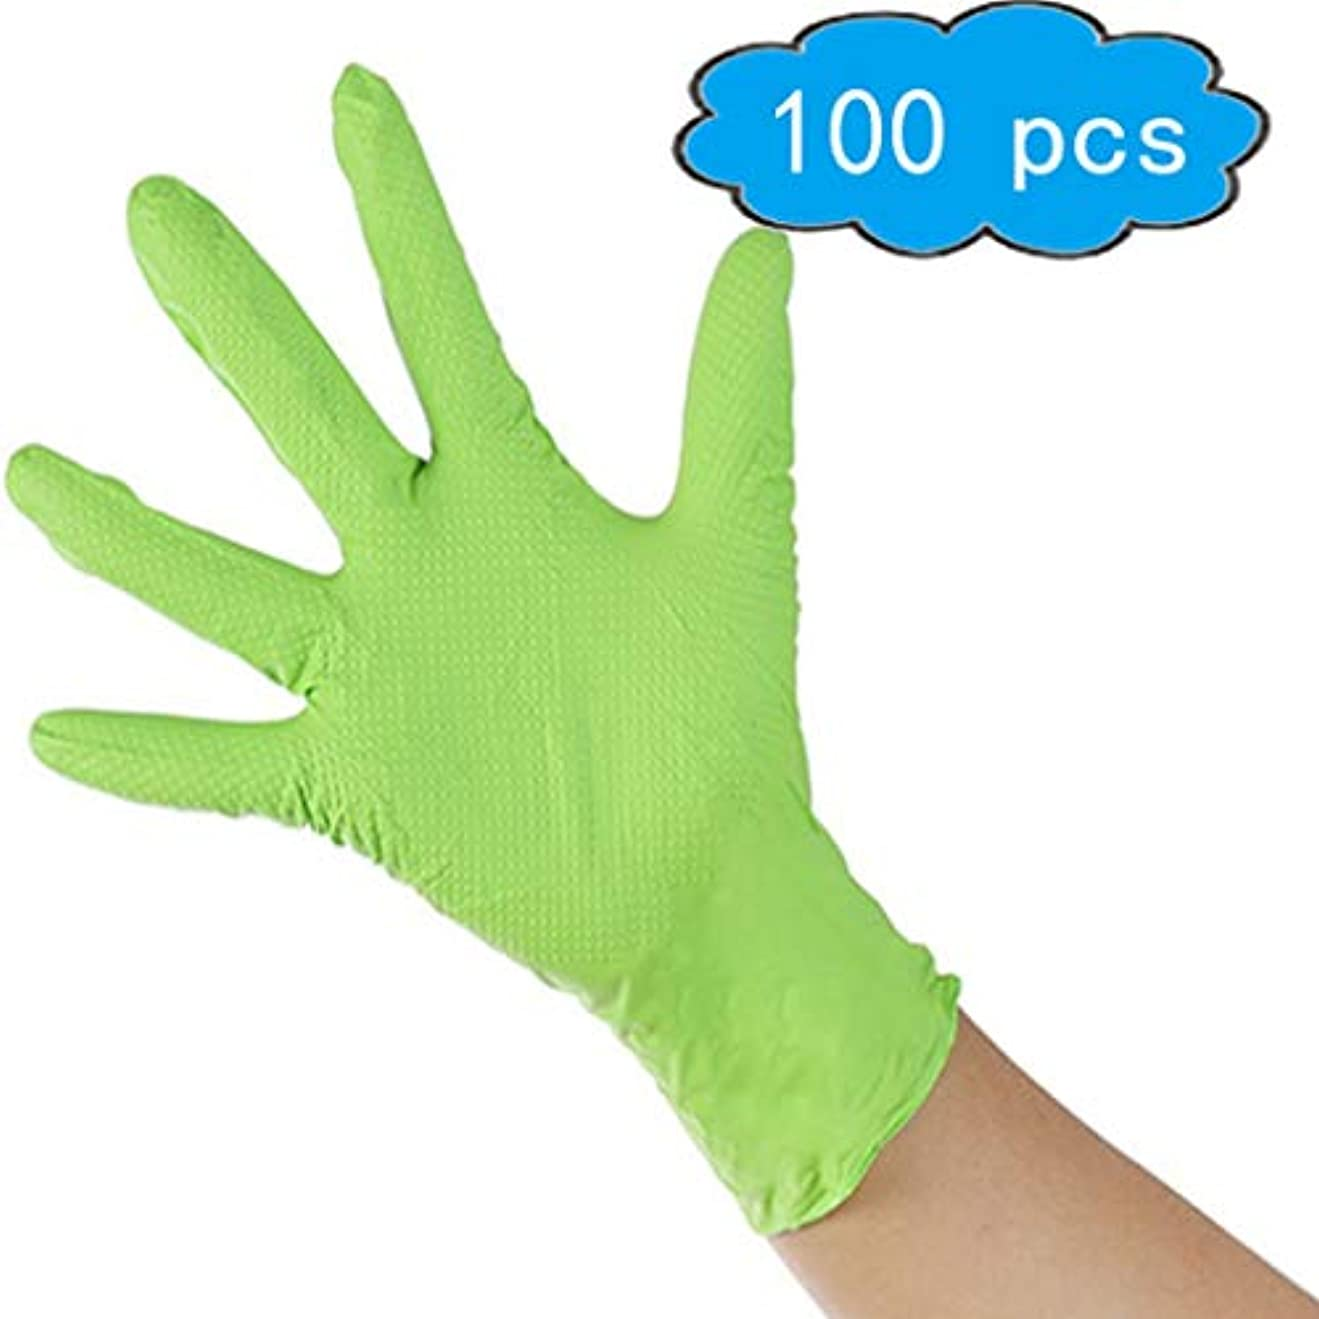 ペニー中央値湖使い捨てゴム手袋-5ミル、工業用、極厚、パウダーフリー、両手利き、オレンジ、ミディアム、100個入りの箱、滑り止めの掌紋、耐摩耗性と耐久性のある機械式ハードウェアゴム手袋 (Color : Green, Size : L)